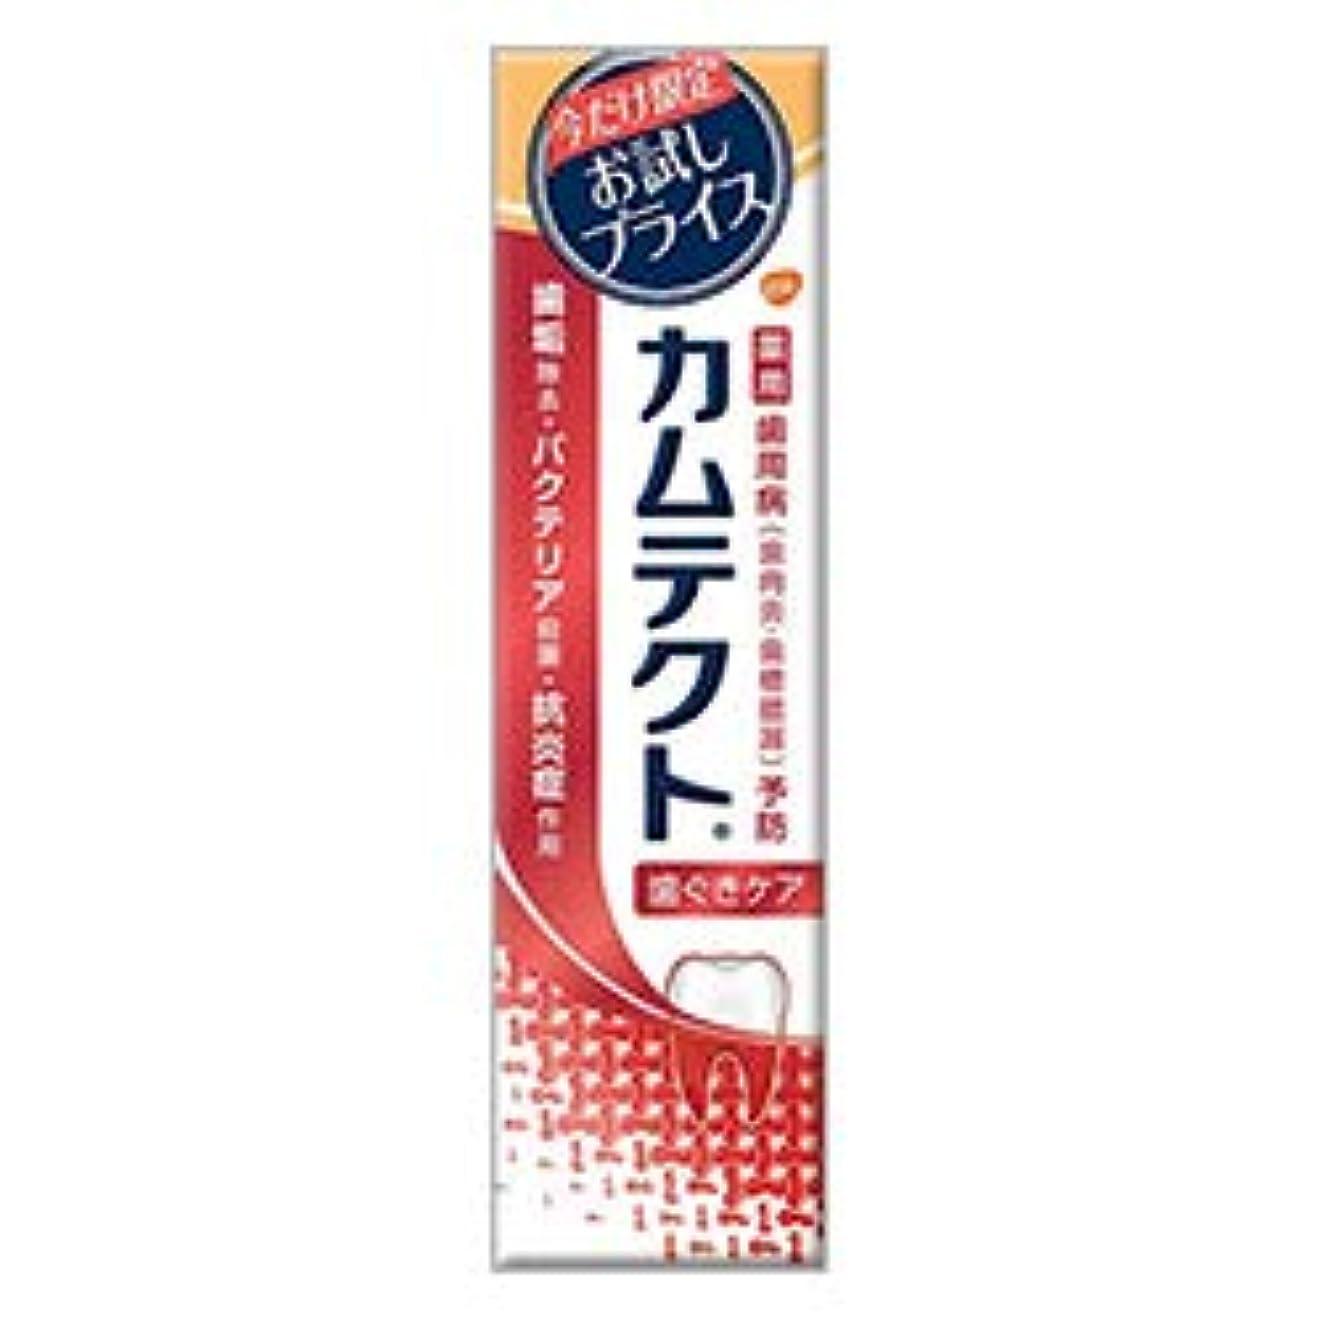 押す階下考え【アース製薬】カムテクト 歯ぐきケア 限定お試し版 105g [医薬部外品] ×3個セット